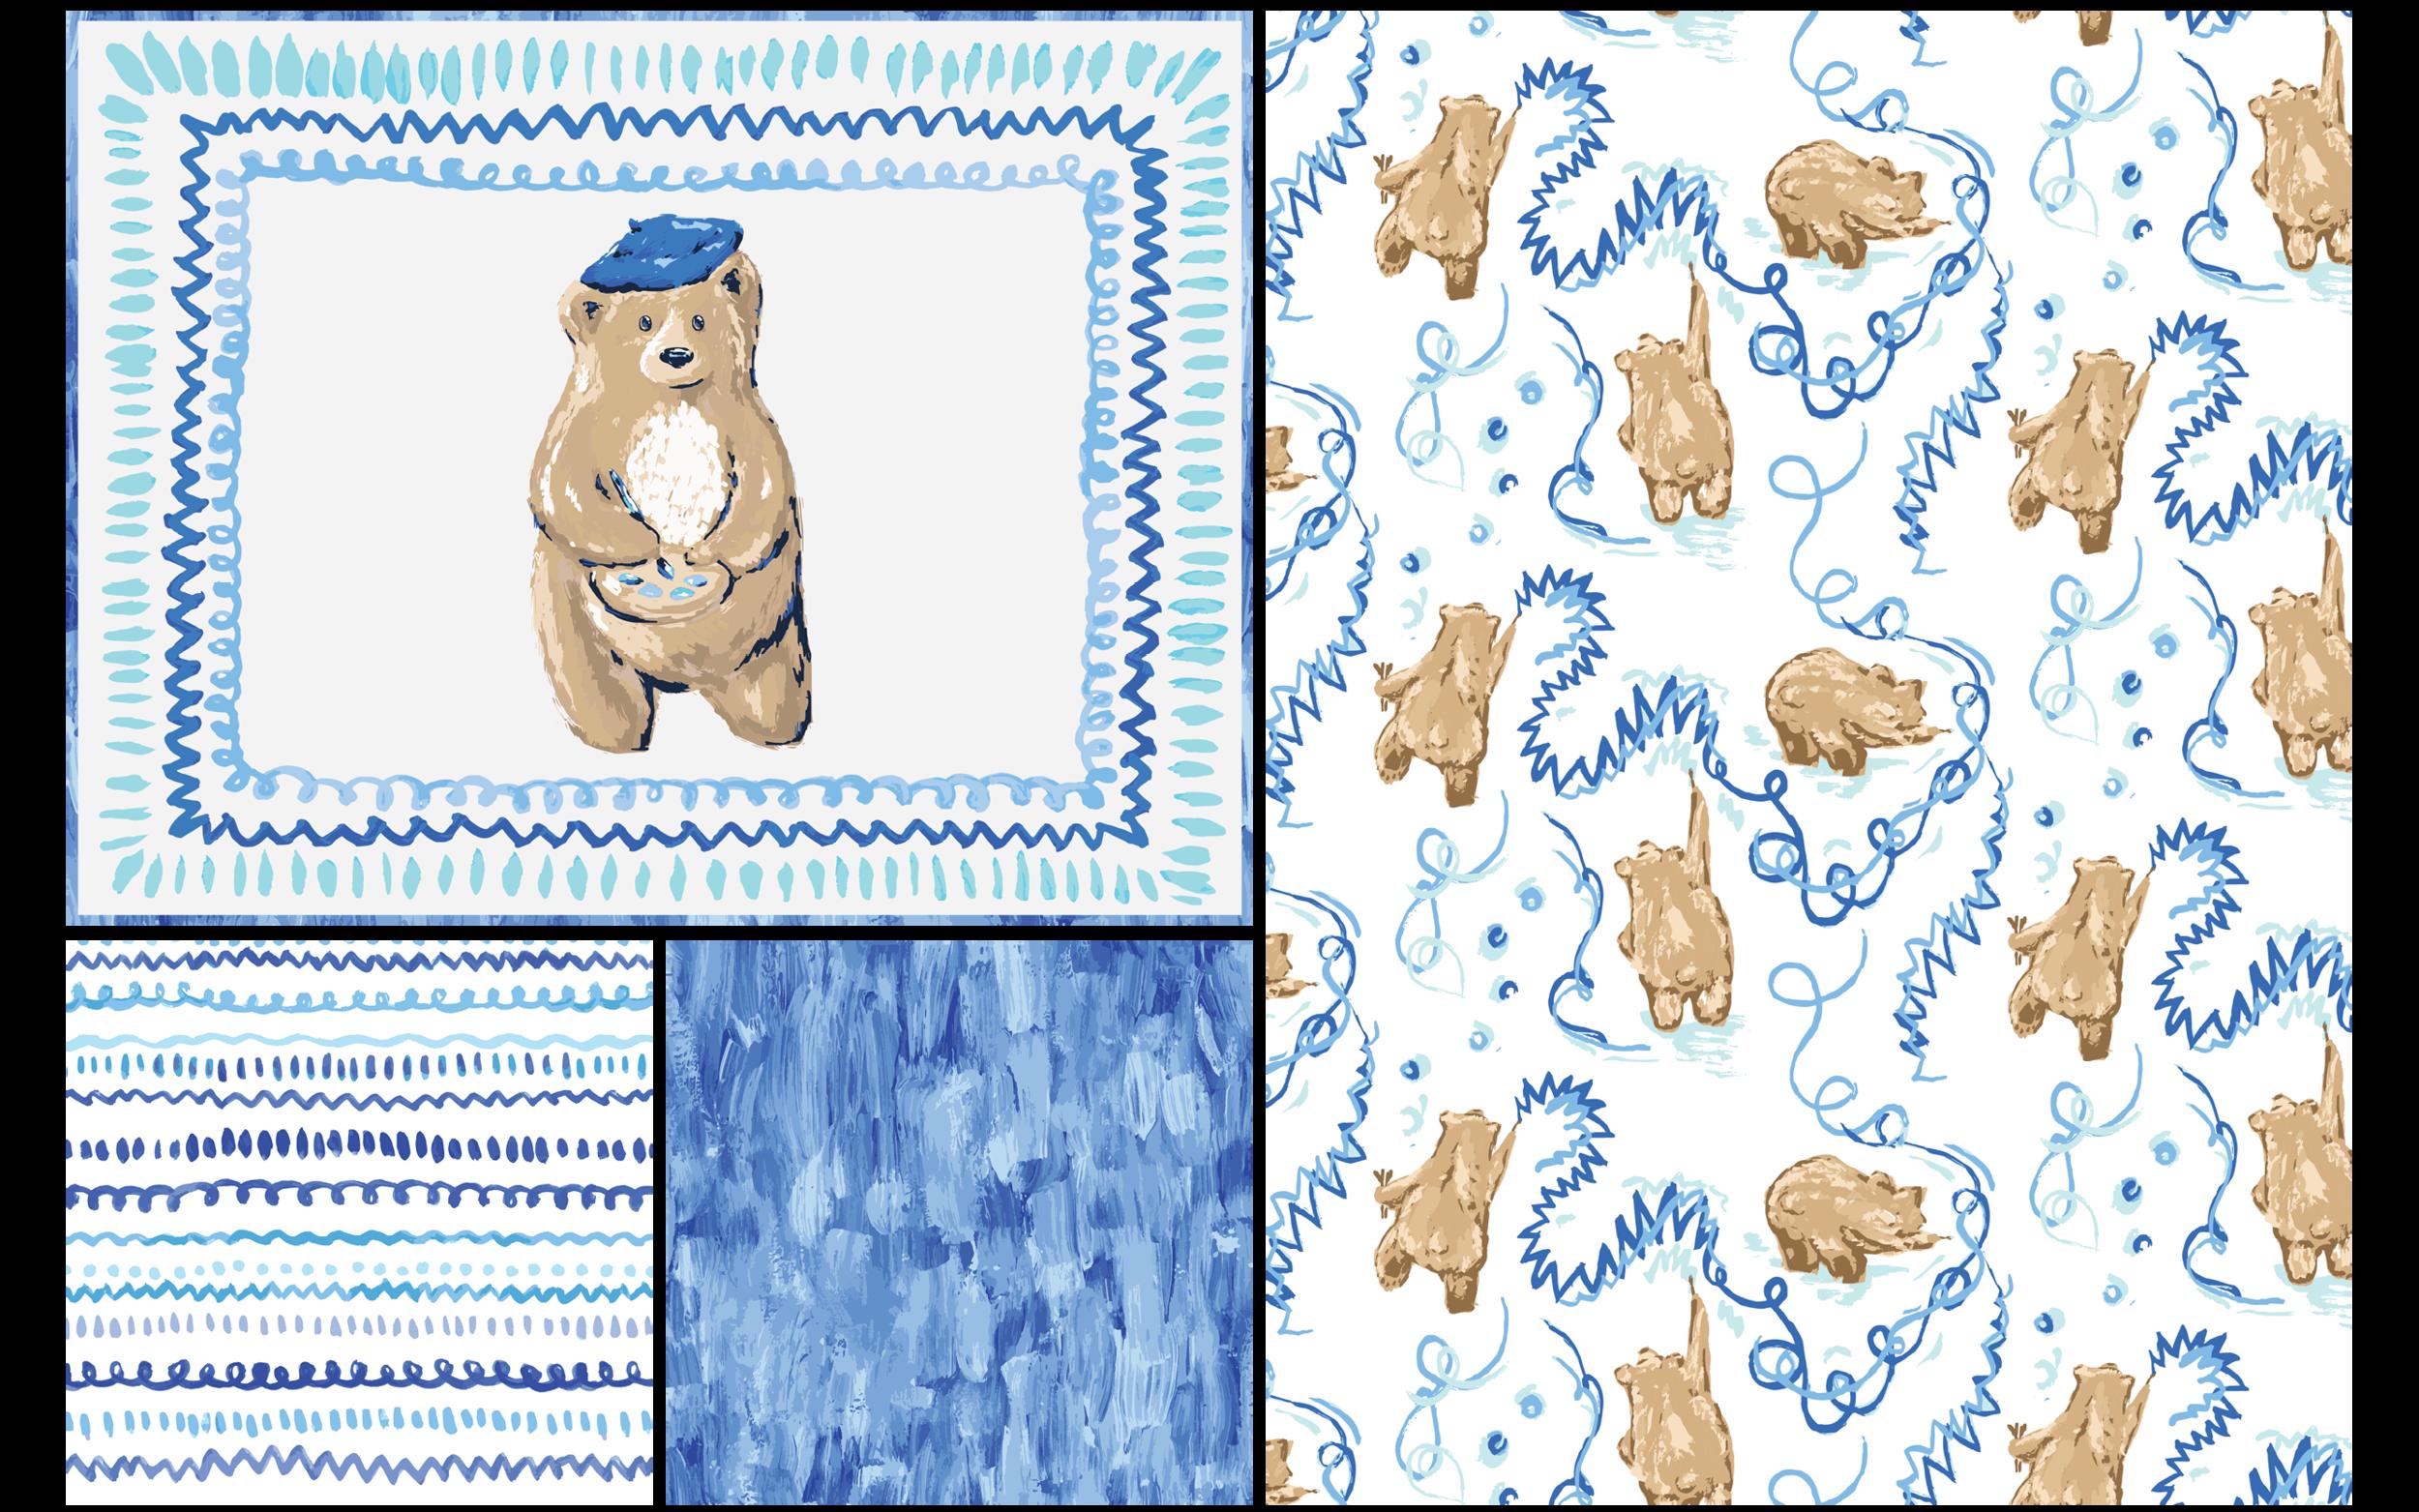 Bear Paints 1280 x 8004.png